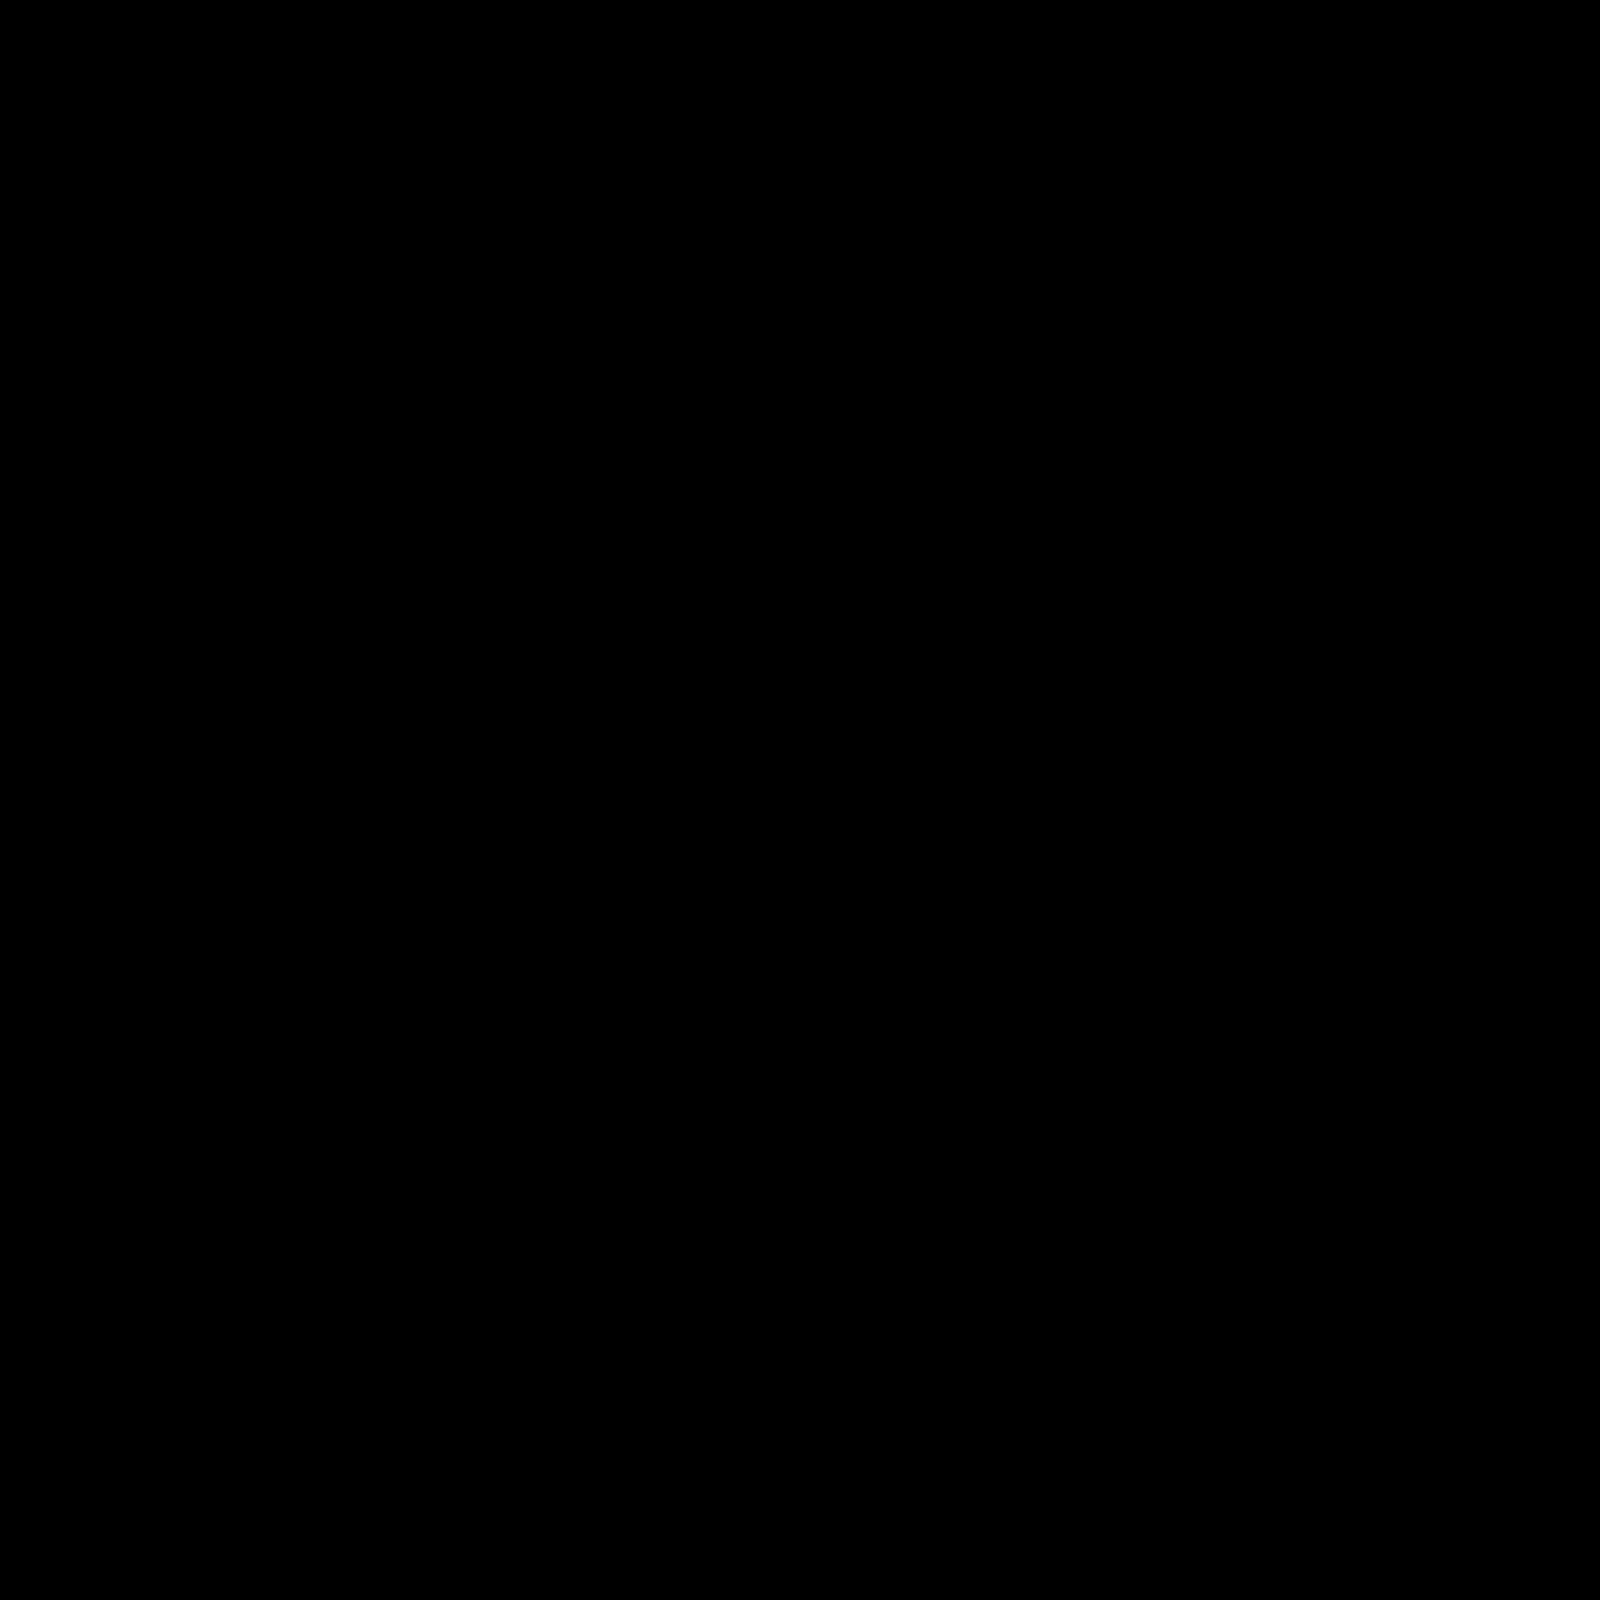 Прикрепить панель к низу окна icon